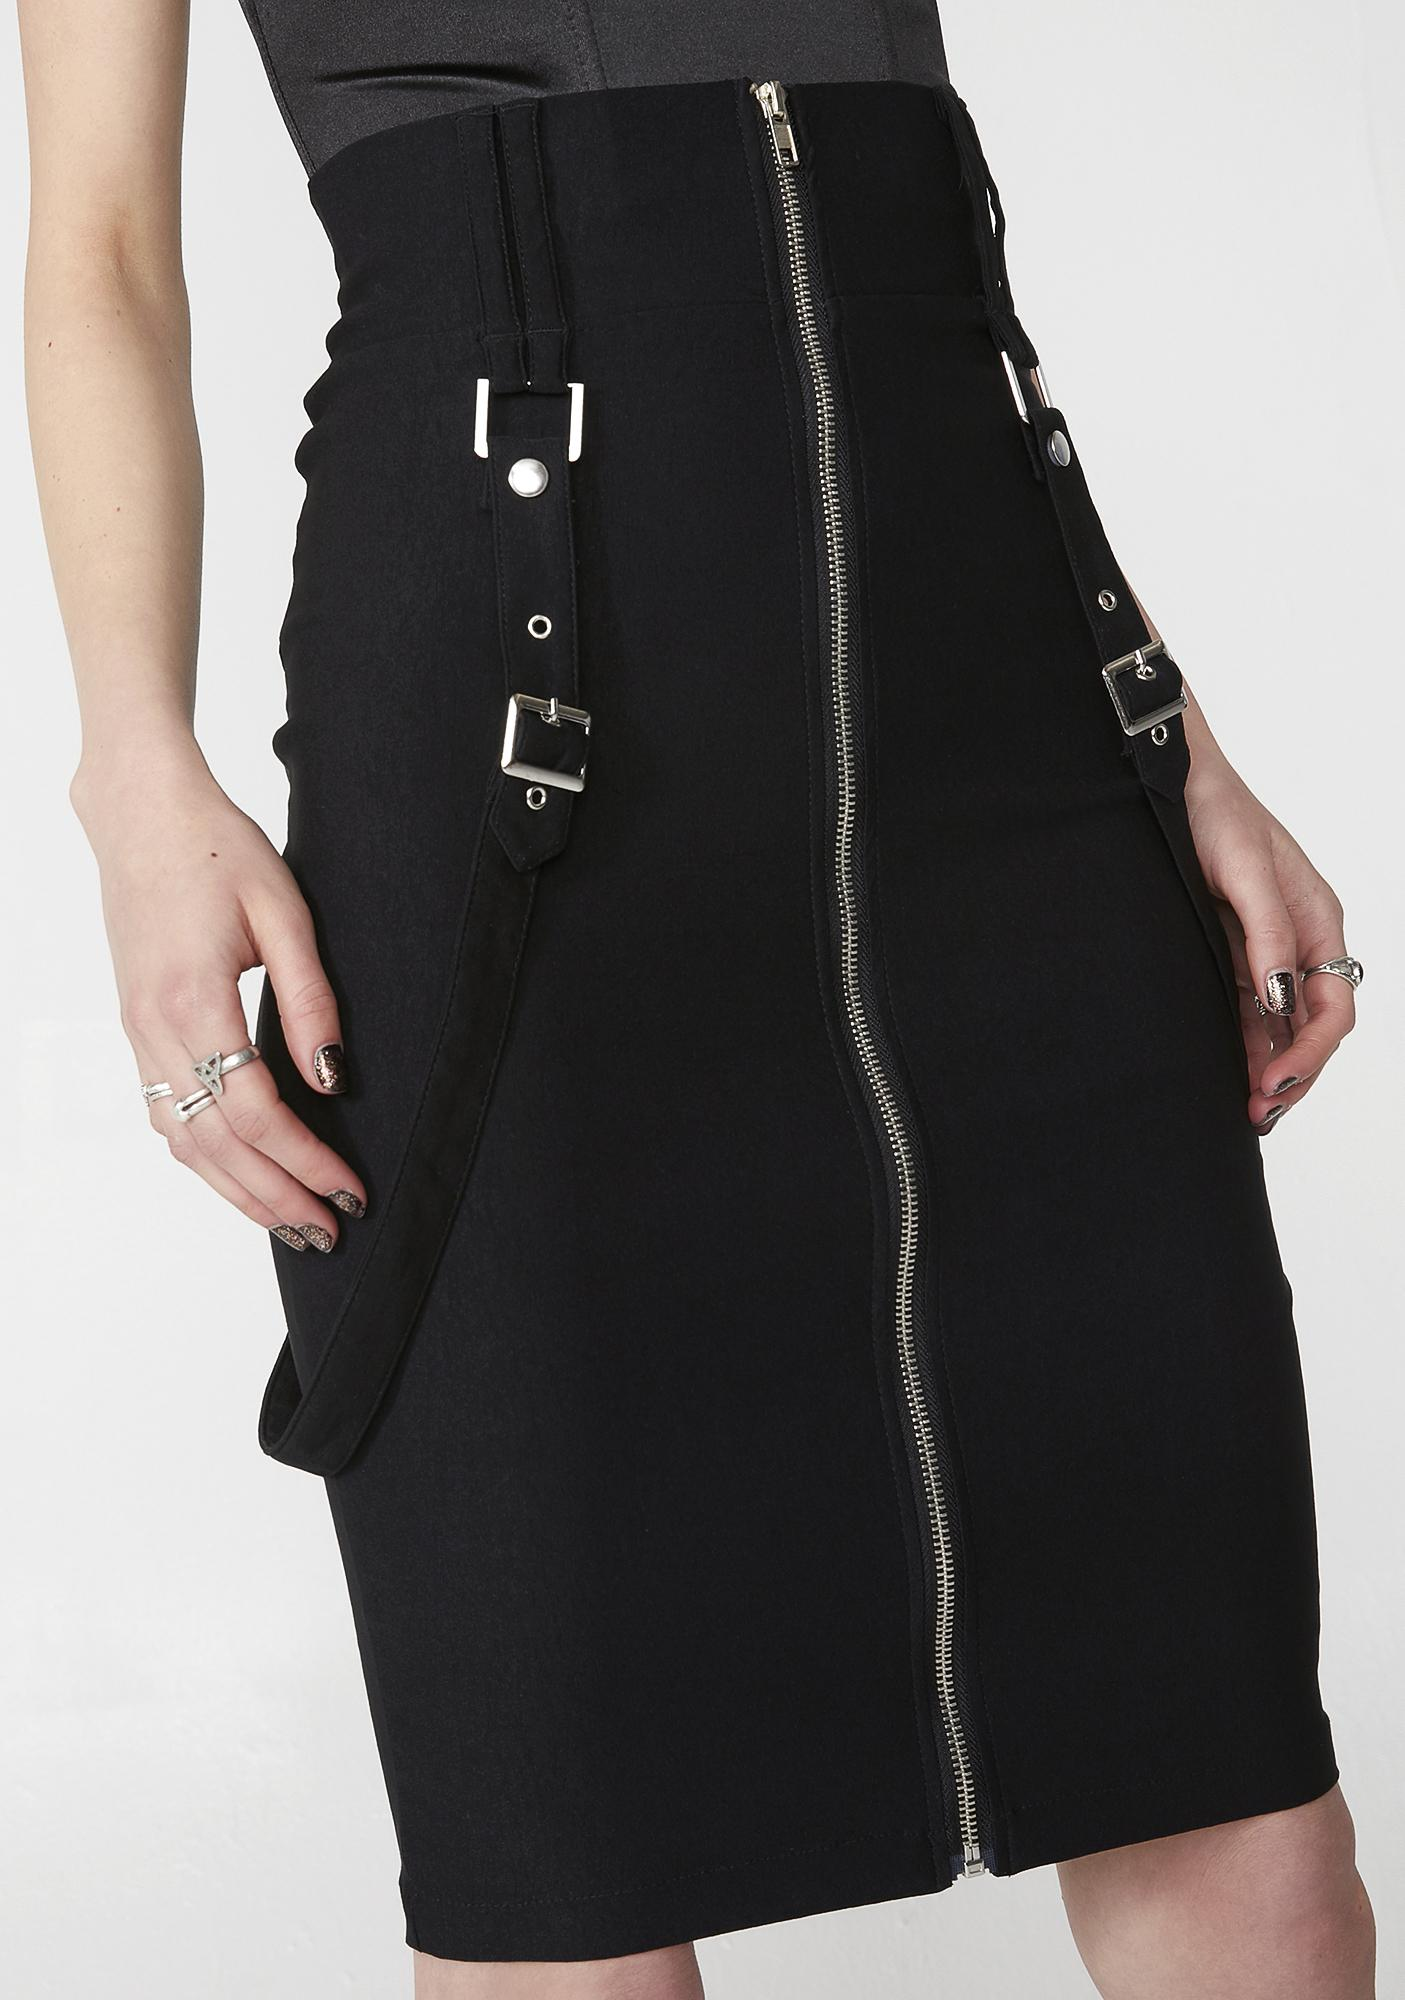 Killstar Force Field Pencil Skirt